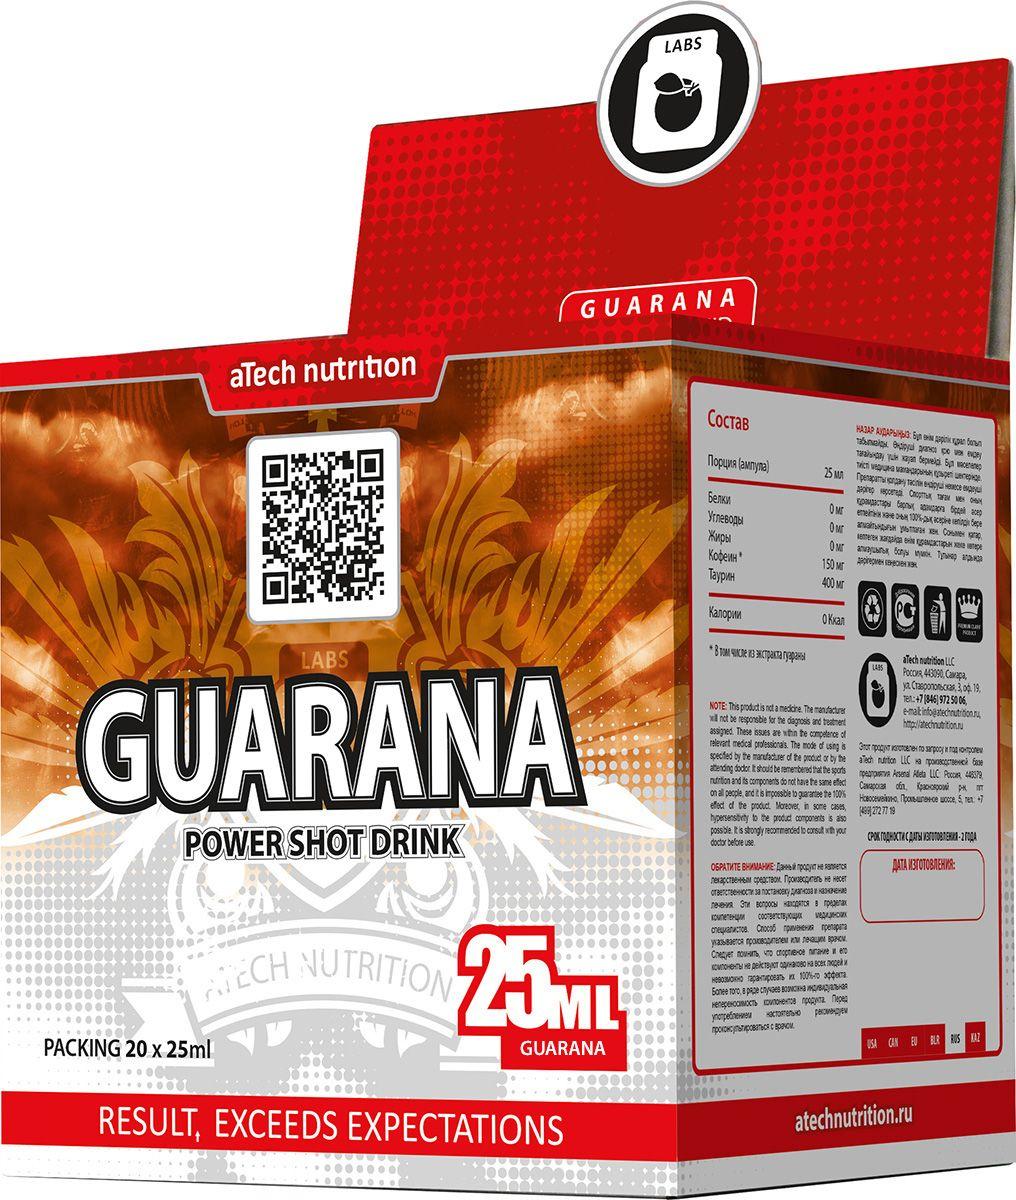 Энергетический напиток aTech Nutrition Guarana Power Shot Drink, гуарана, 25 мл, 20 шт14630019671156Мощный энергетический комплекс «Short drink» от aTech Nutrition в удобной упаковке по 25мл. Одна ампула содержит 150мг Кофеина, в том числе из Гуараны бразильской . Guarana Power shot drink от aTech nutrition в жидкой форме, на основе Гуараны Бразильской и Таурина позволит Вам тренироваться с полной отдачей! В ее состав входит экстракт Гуараны Бразильской – натуральный источник связанного кофеина. В отличии от синтетического кофеина, натуральный кофеин усваивается плавно и не вызывает резкого подъема давления, перевозбуждения, усиленного сердцебиения. Так же в плодах Гуараны Бразильской, в отличие от синтетической, содержатся дубильные вещества, сапонины, амид, цинк, натрий, марганец, магний, теобромин, теофиллин, витамины PP, E, B1, B2, A. Входящий в состав продукта Таурин усиливает действие Гуараны, а так же способствует улучшению кровообращения и метаболизму сердца, благотворно влияет на сосуды, костную ткань, улучшает память, зрение, укрепляет иммунитет. Принимая Guarana от...